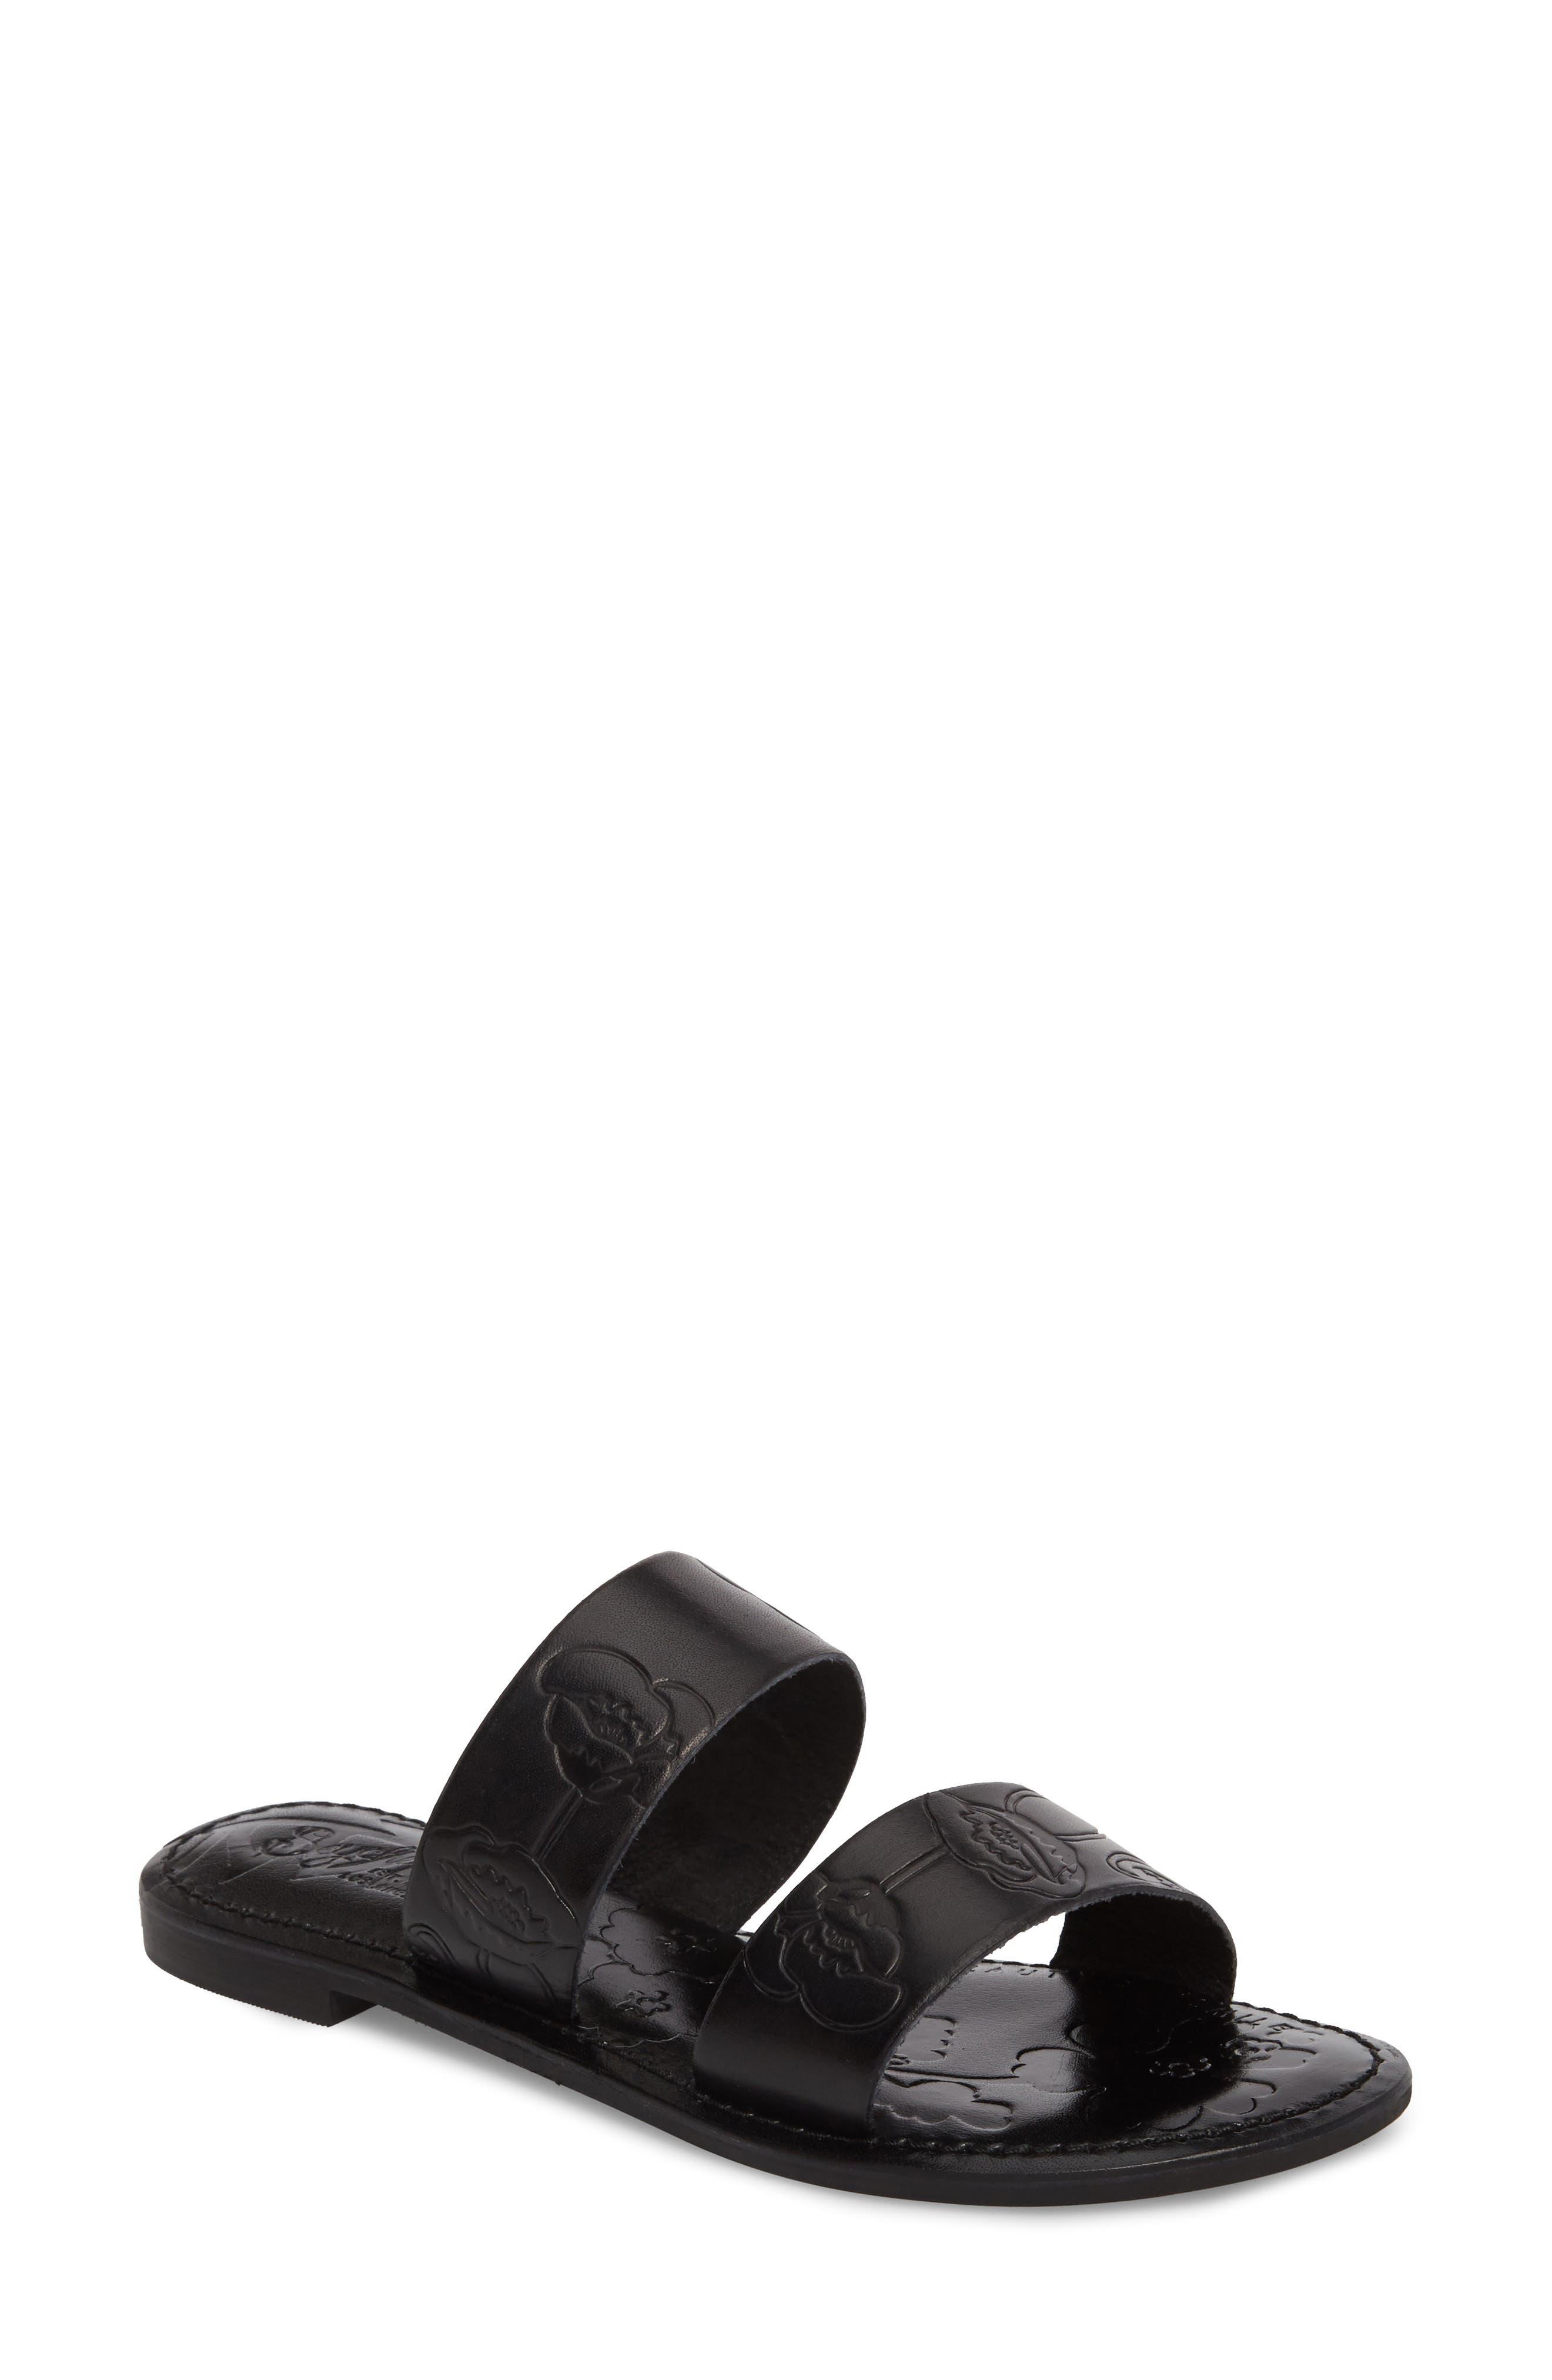 Sheroes Slide Sandal,                         Main,                         color, BLACK LEATHER